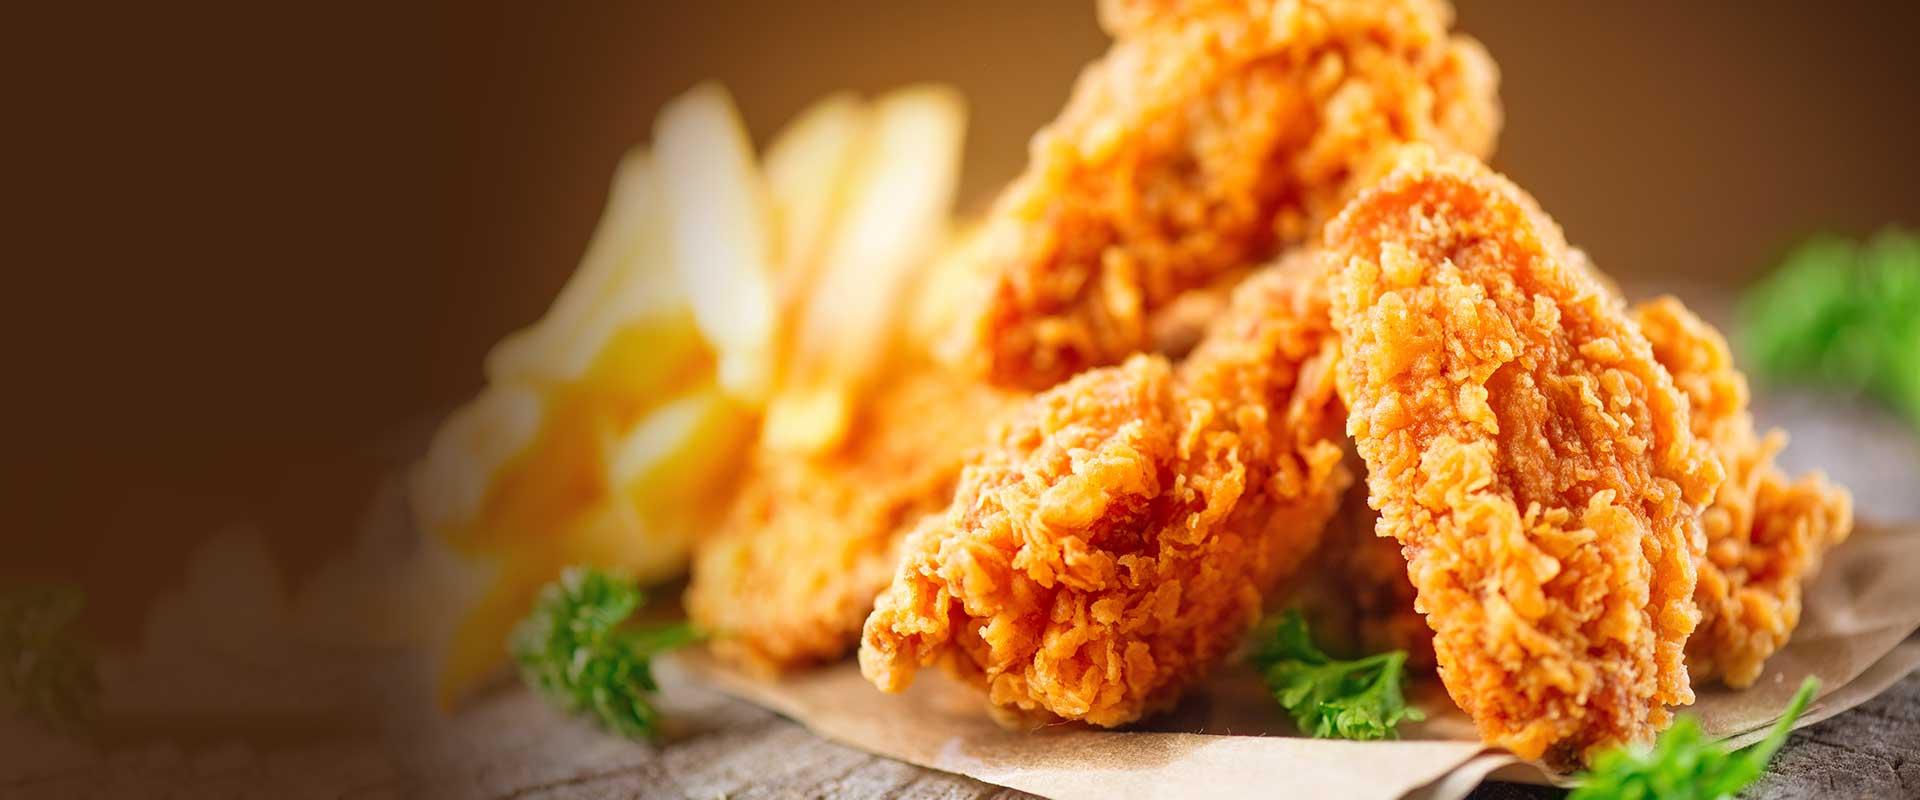 New Fast Food Ideas